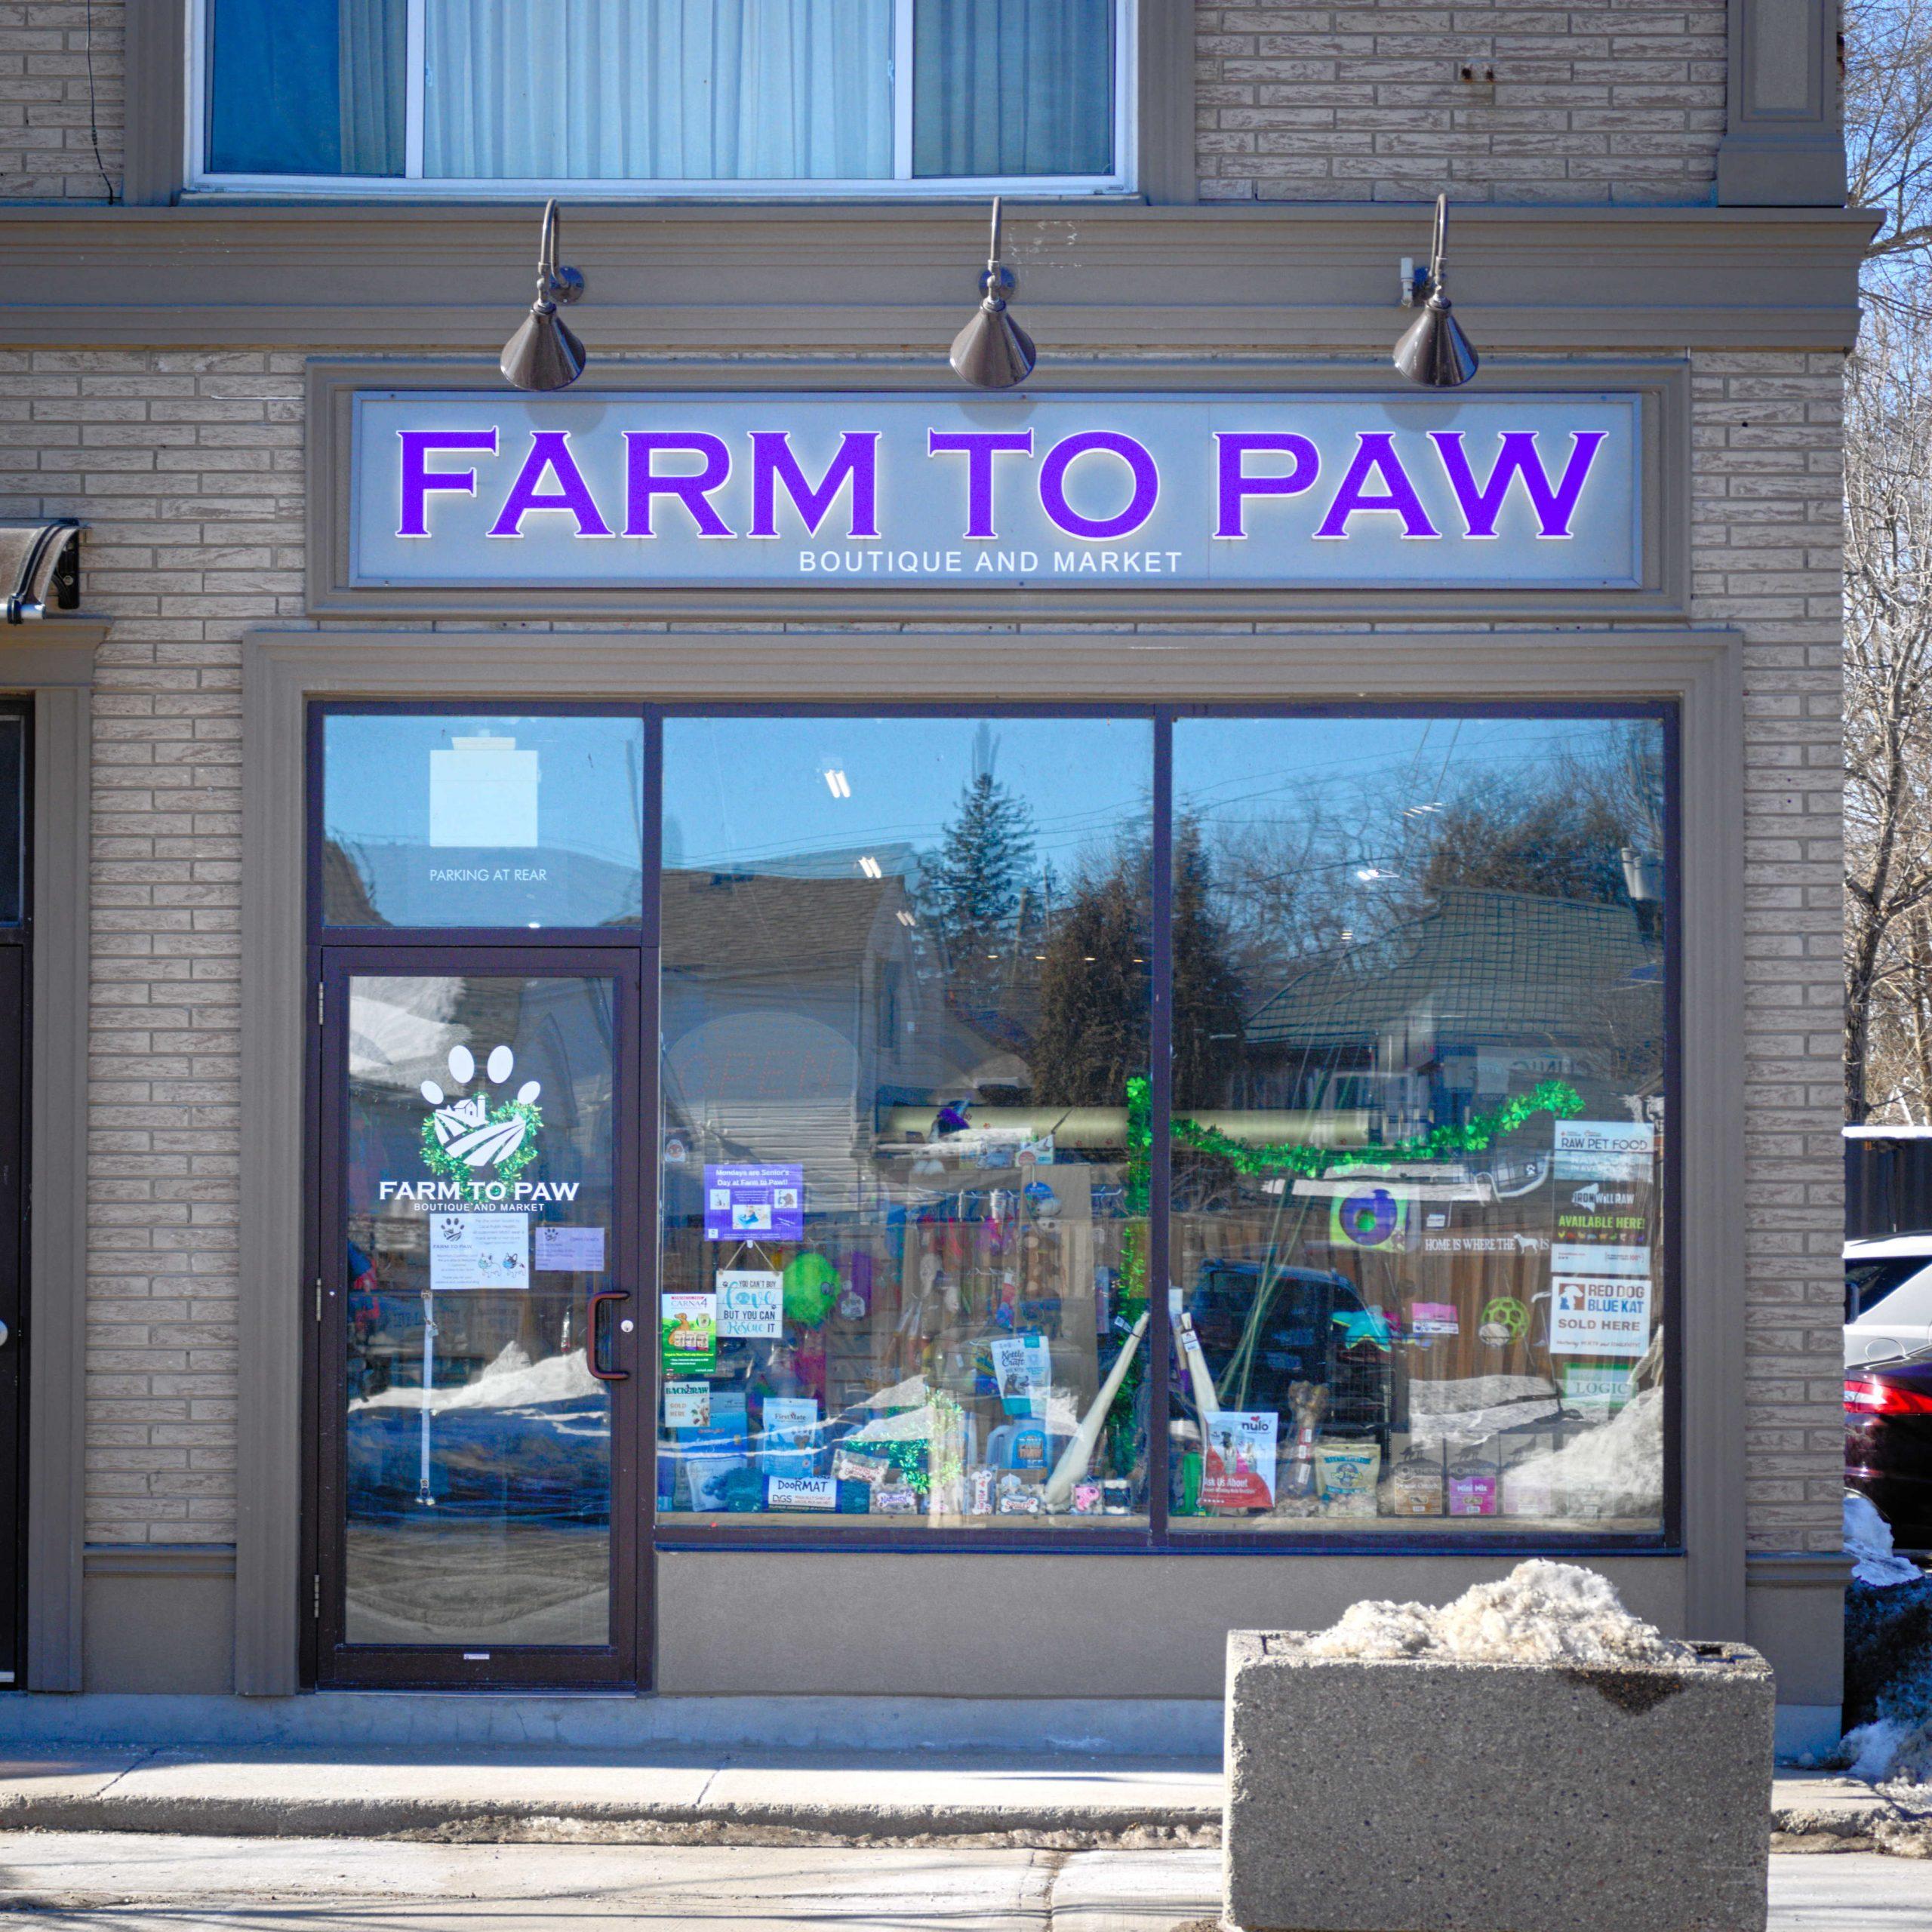 Farm to Paw